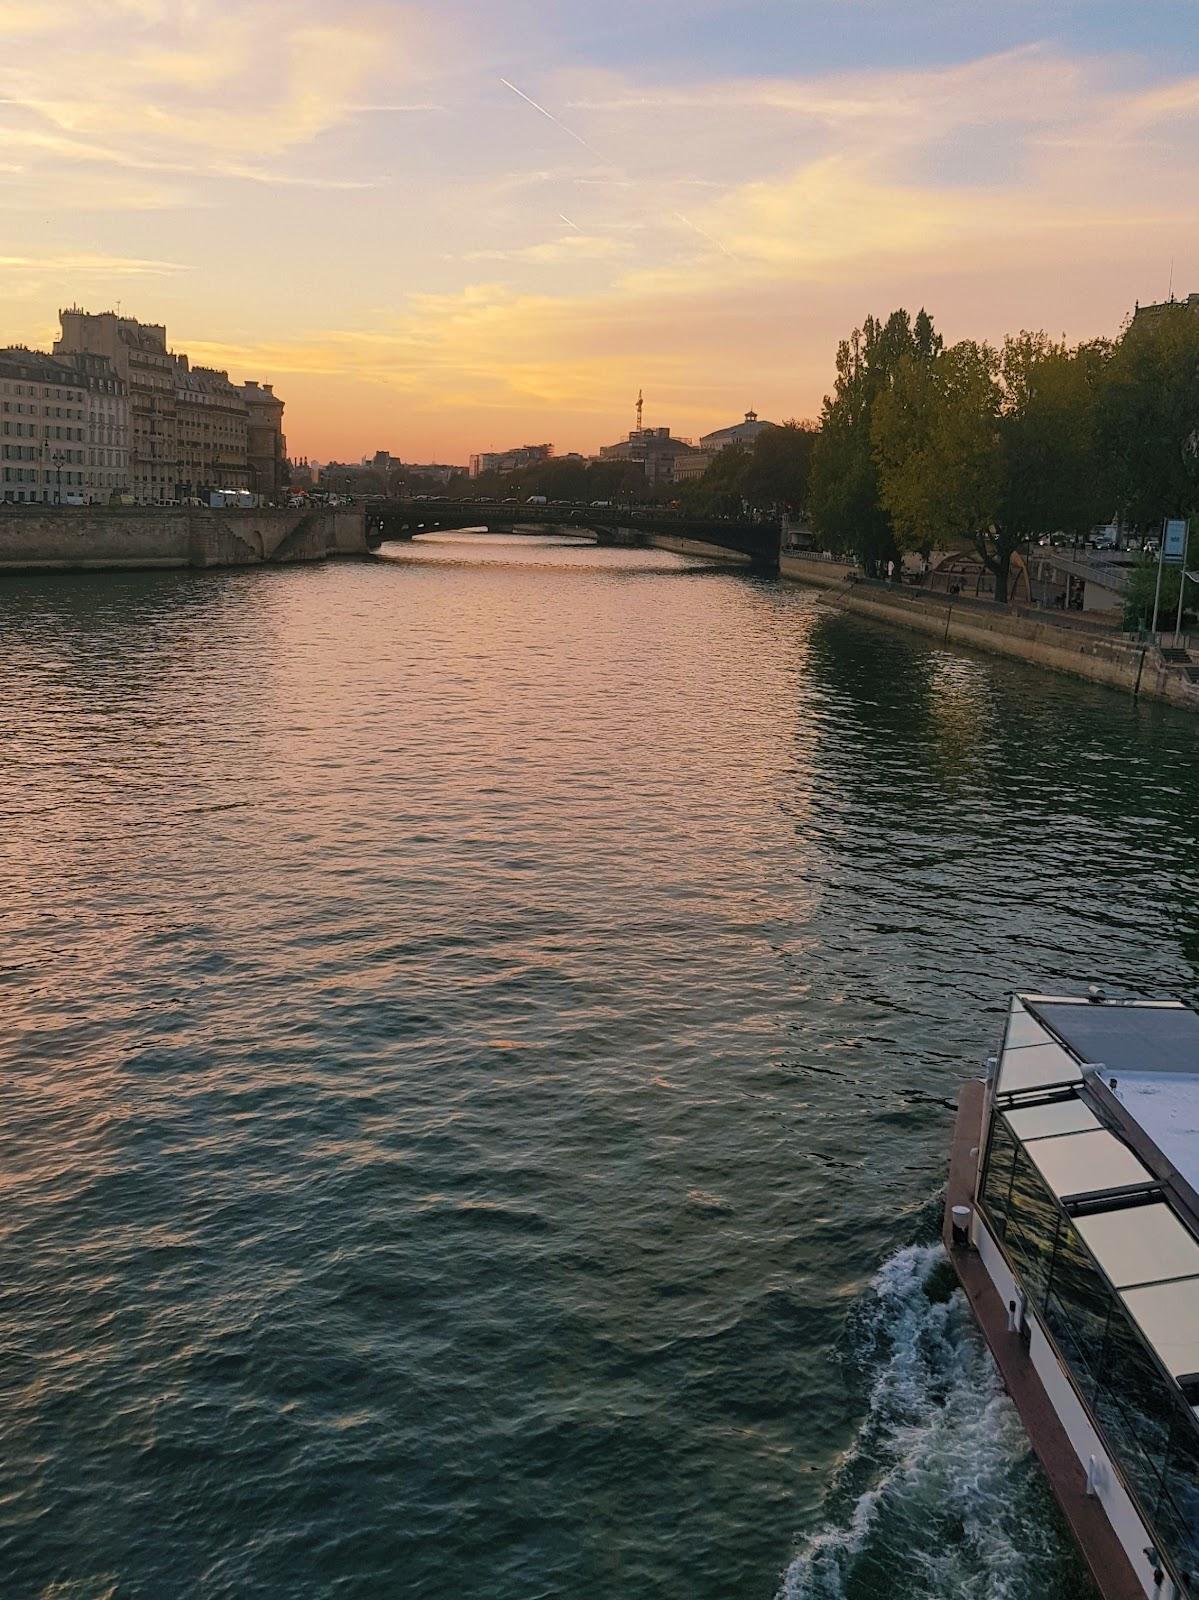 מקומות לבקר בהם אחרי הקורונה פריז המושלמת טיול בפריז